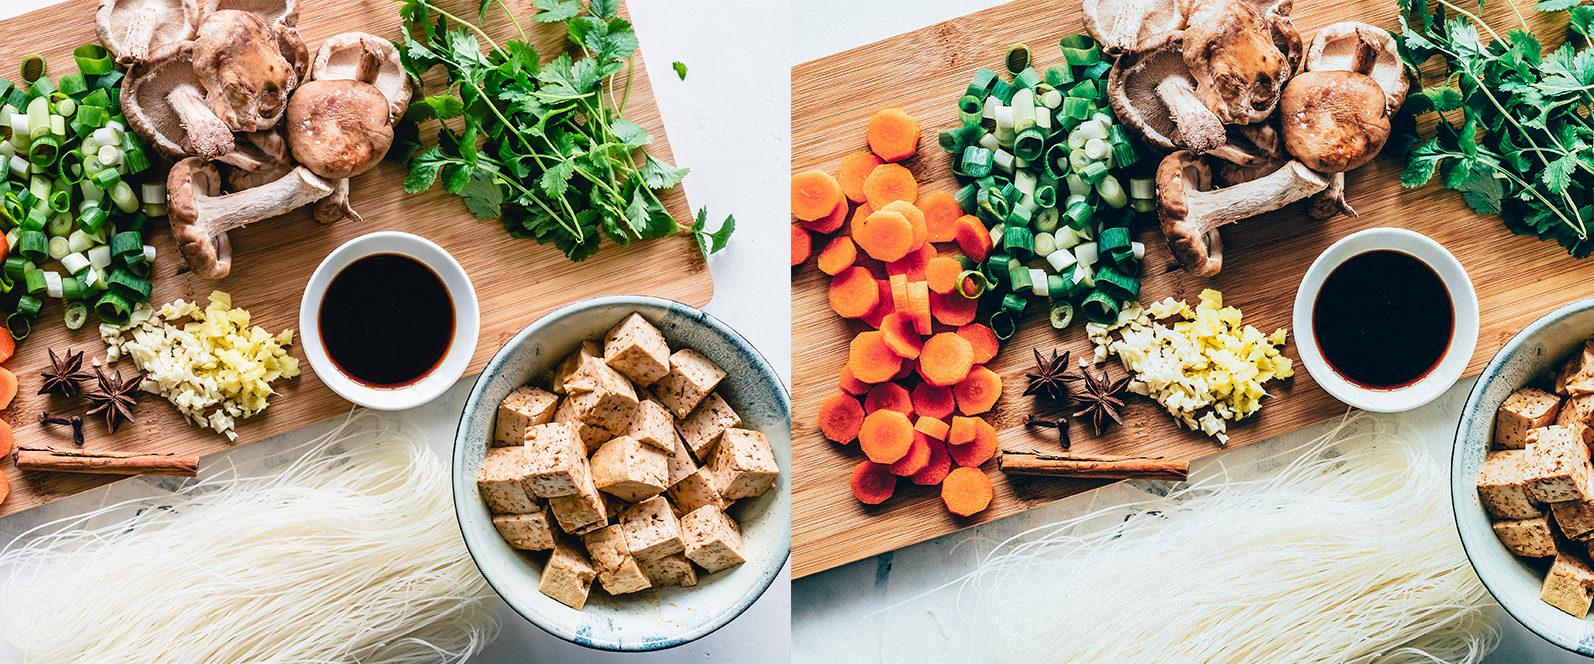 Food Blogger Vol. 1 Lightroom Presets - Desktop and Mobile - 13 Food Blogger 2 -